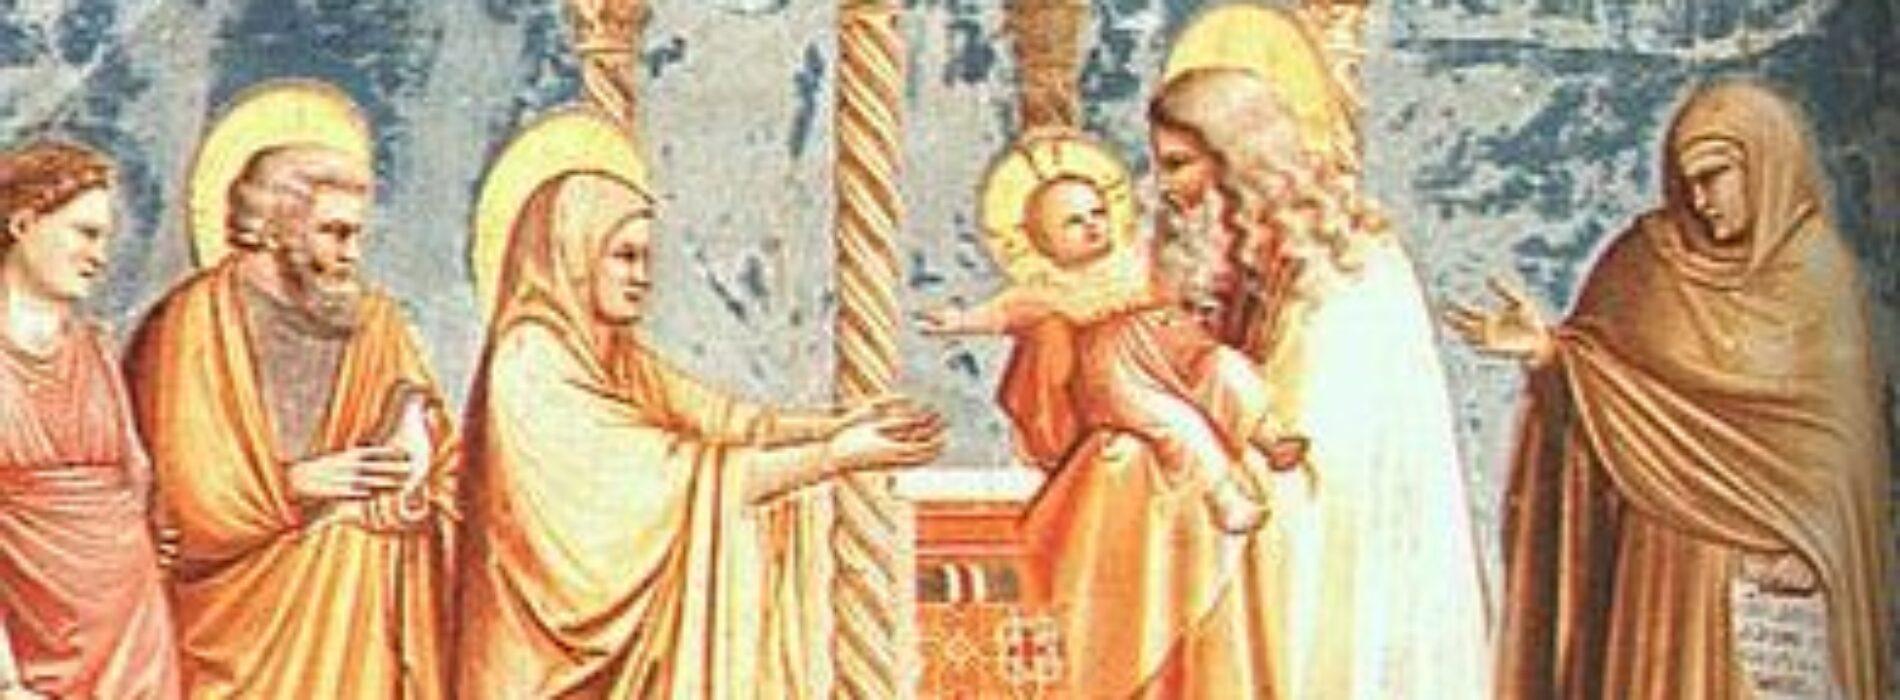 Candelora, o il culto della luce. A Montevergine in processione